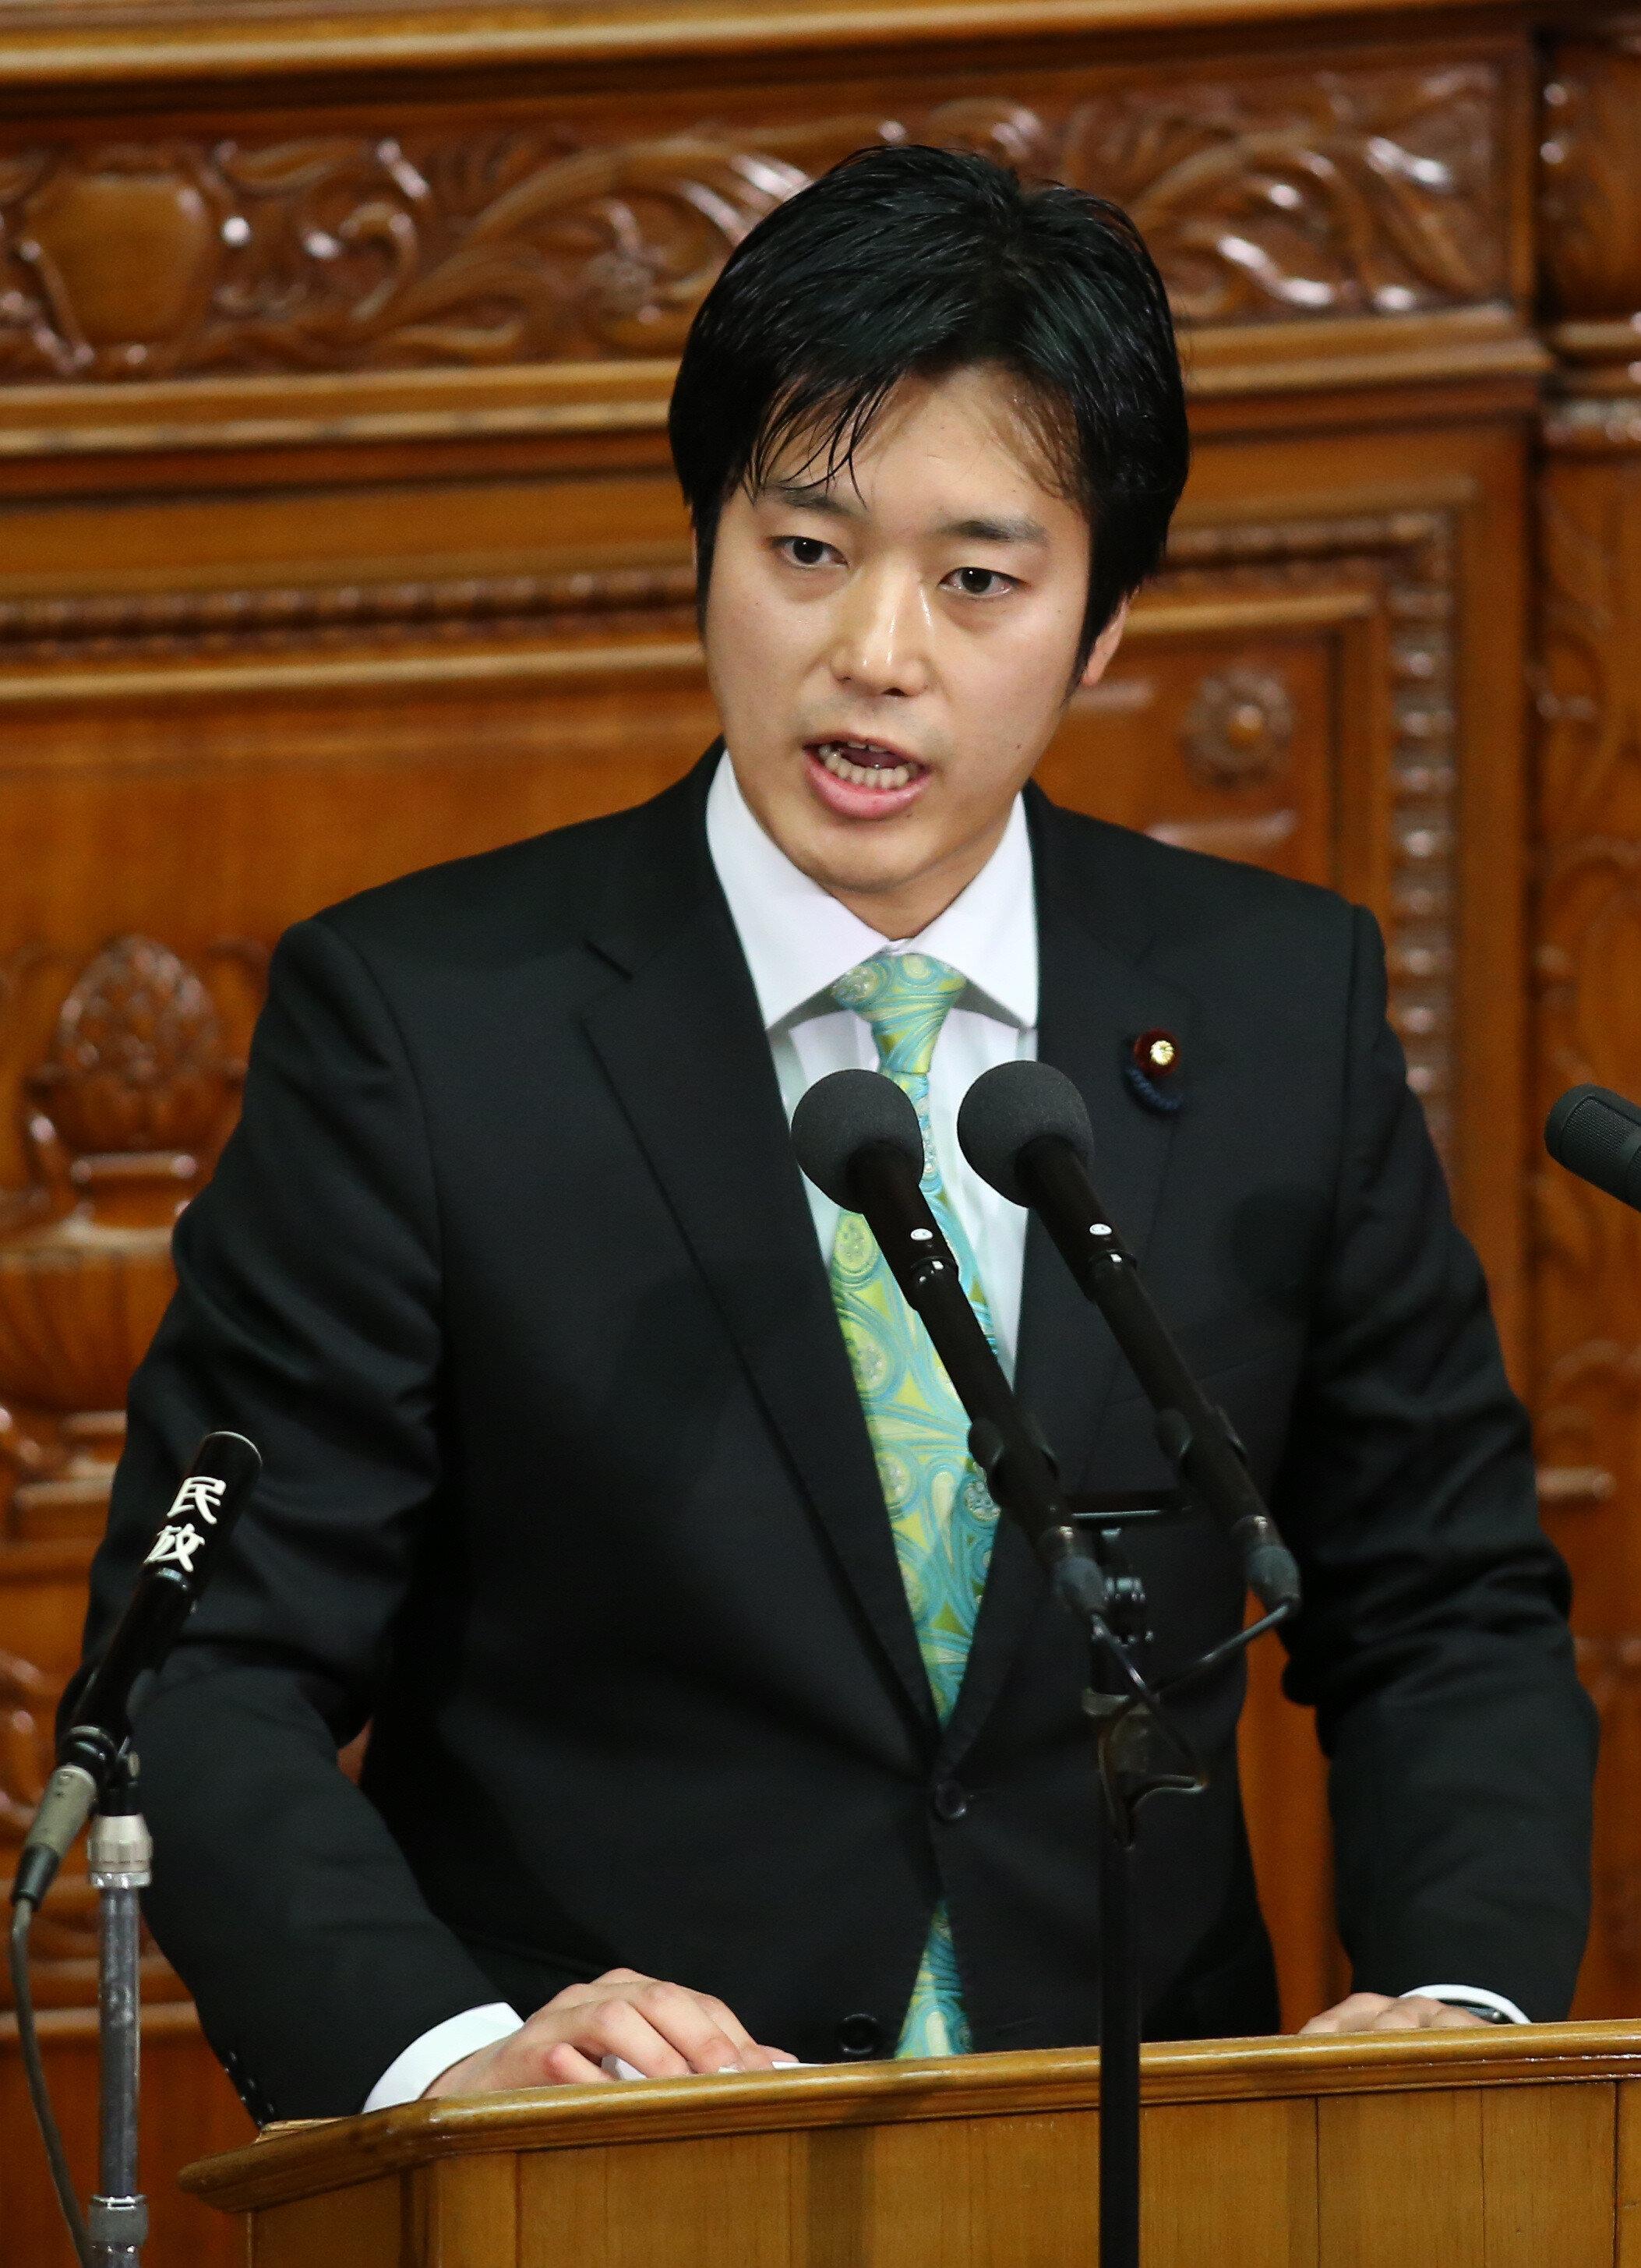 丸山穂高議員が「報復」示唆。辞職勧告の動きに「ほかの議員の不祥事を世に問いかける」